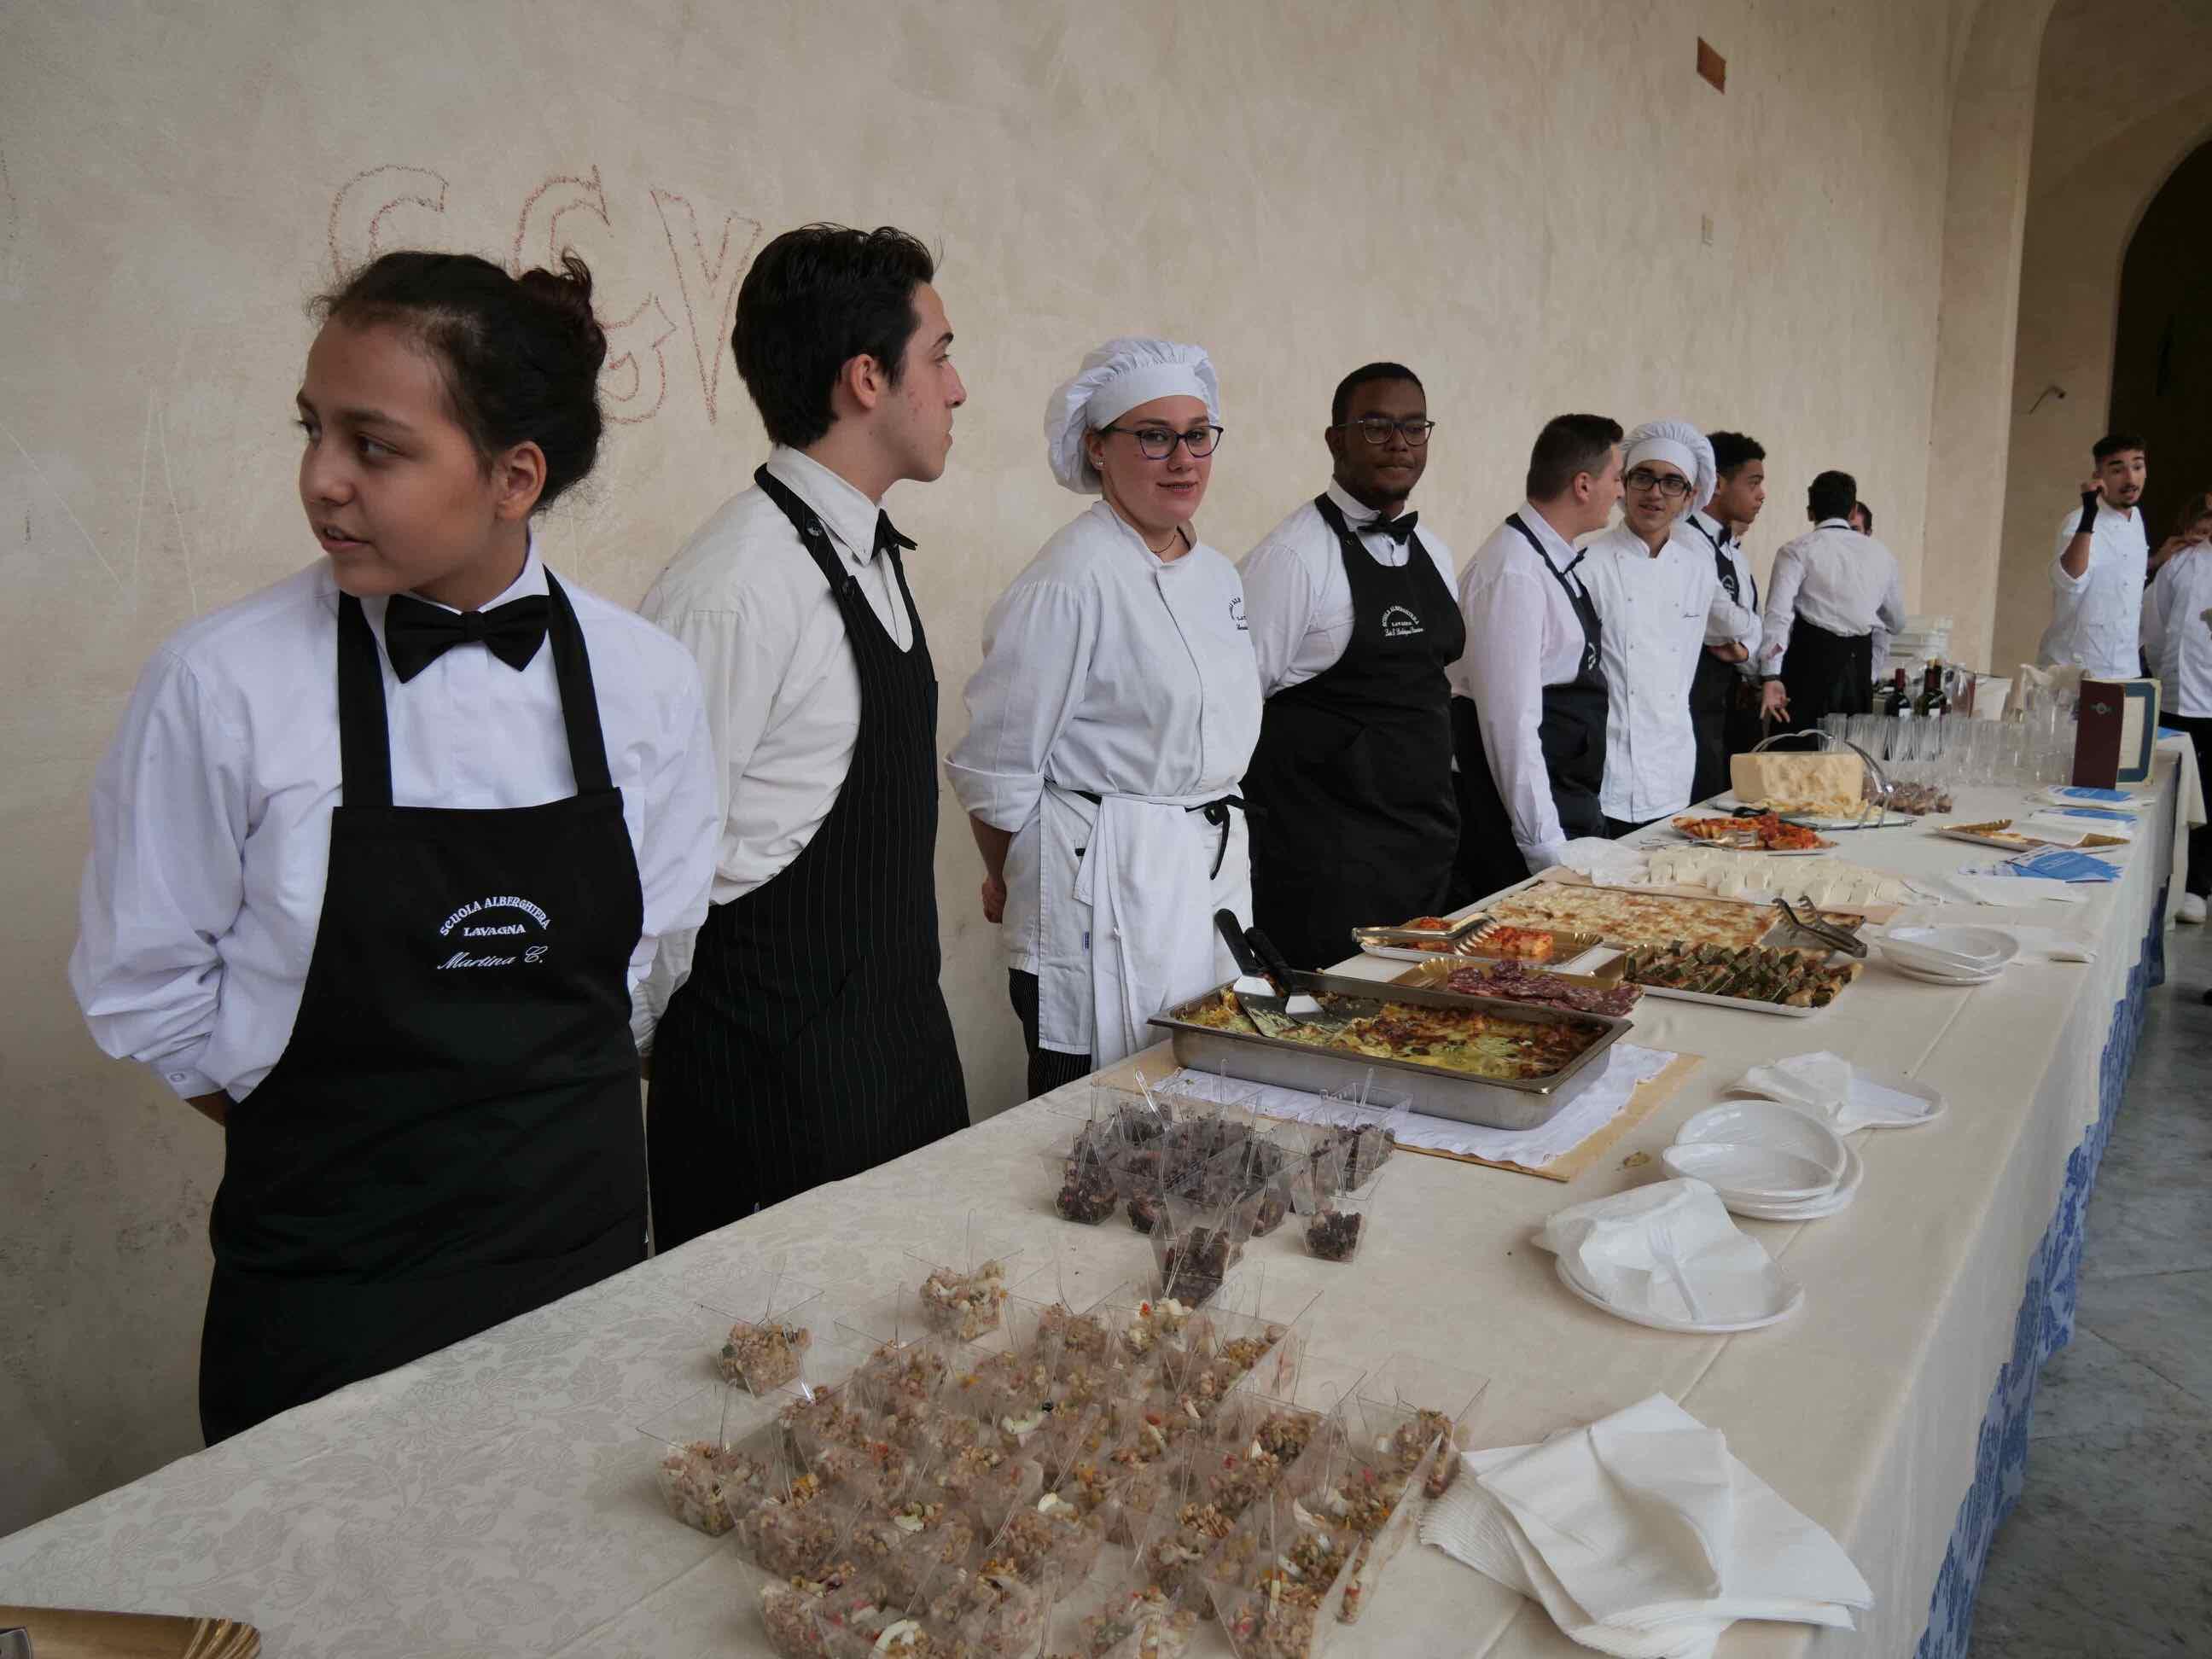 Torneo di pesto al mortaio e aperitivo di beneficienza a cura della Scuola Alberghiera di Lavagna - 10